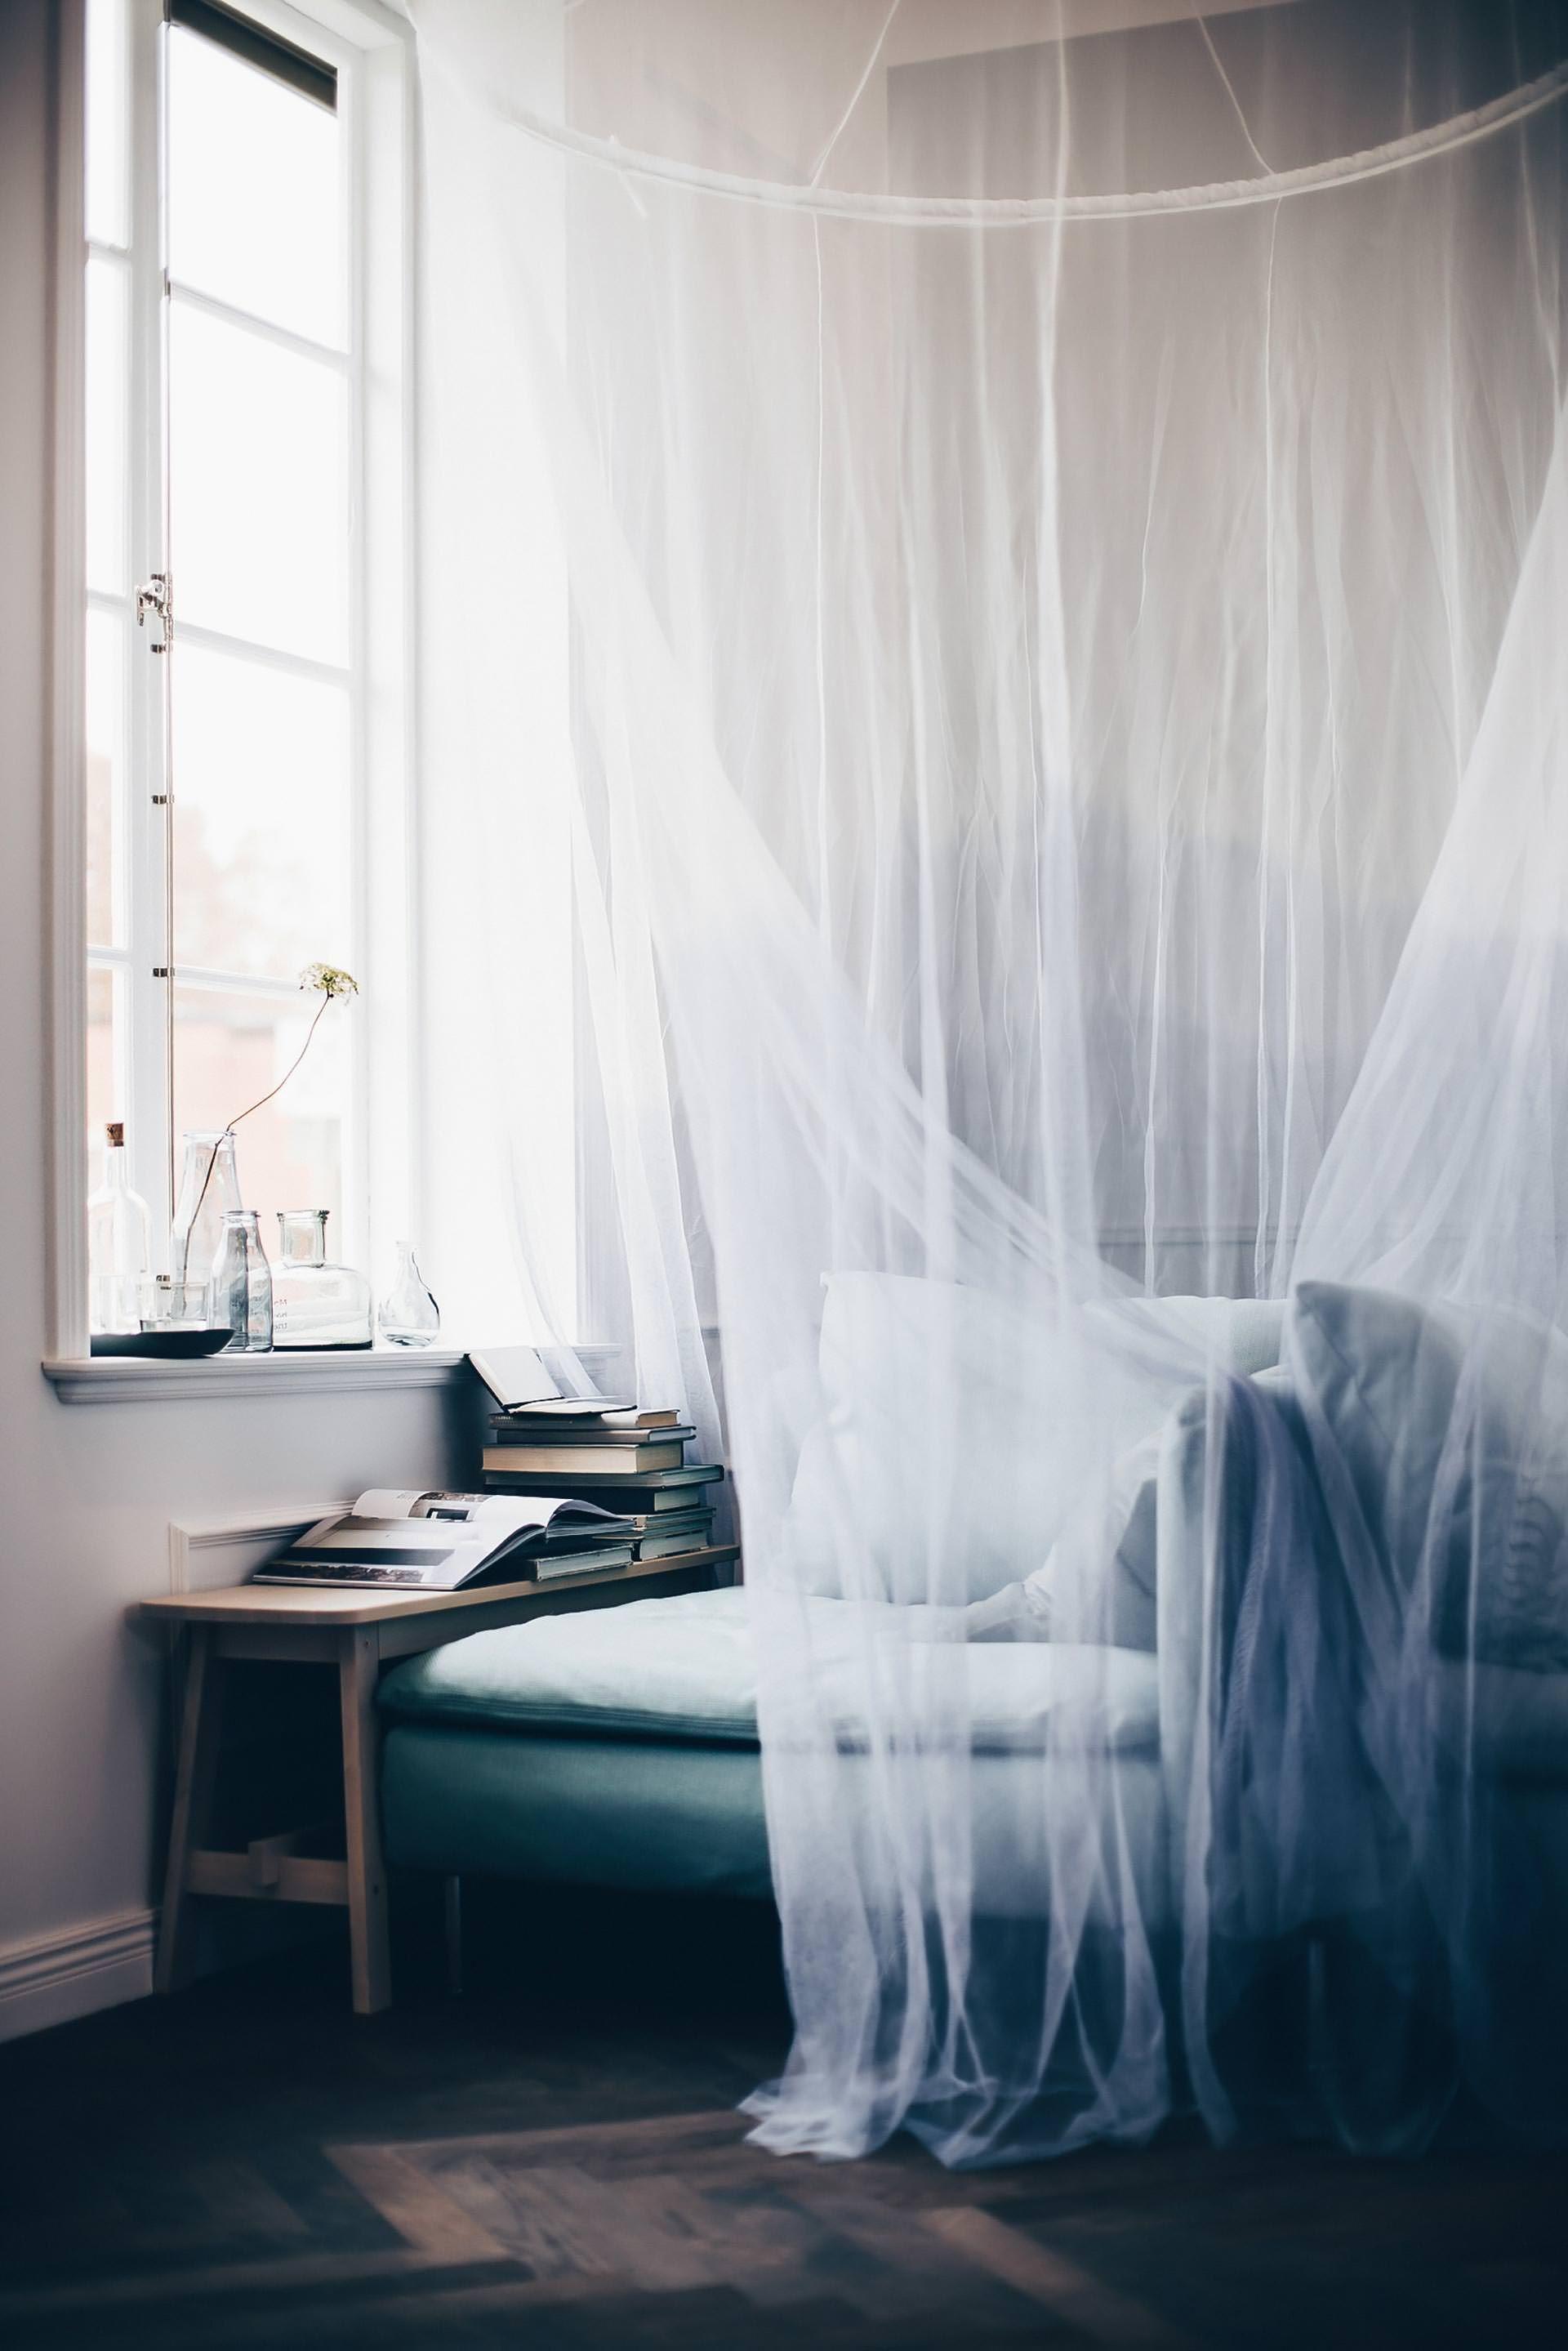 Einrichtungstipps Für Ein Schönes, Gemütliches Und Harmonisches Zuhause,  Einrichten Mit Ikea Möbeln, Tipps